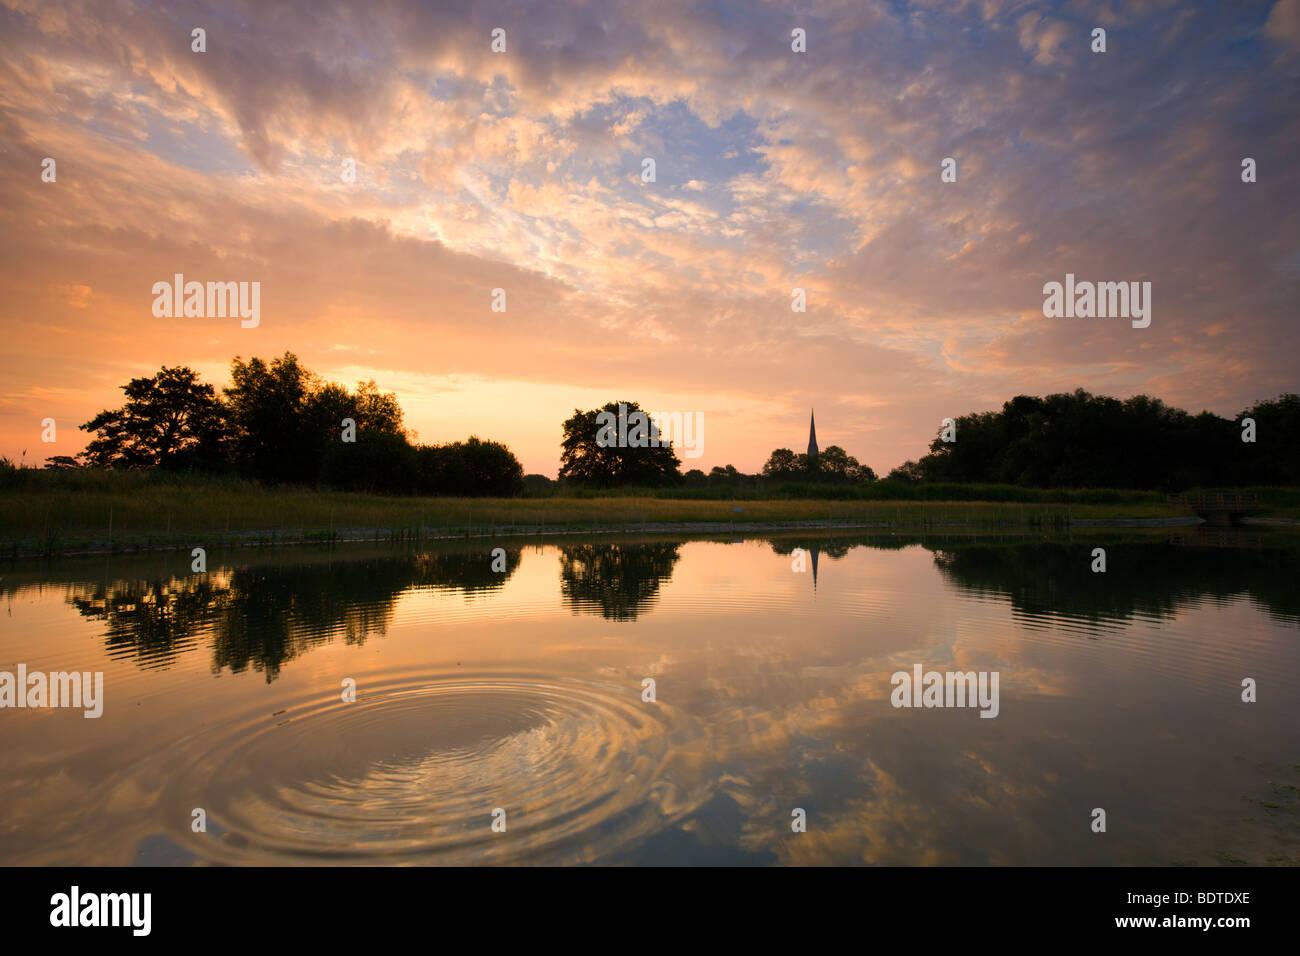 Kathedrale von Salisbury spiegelt sich in einem Teich im Morgengrauen, Salisbury, Wiltshire, England. Sommer (Juni) Stockbild